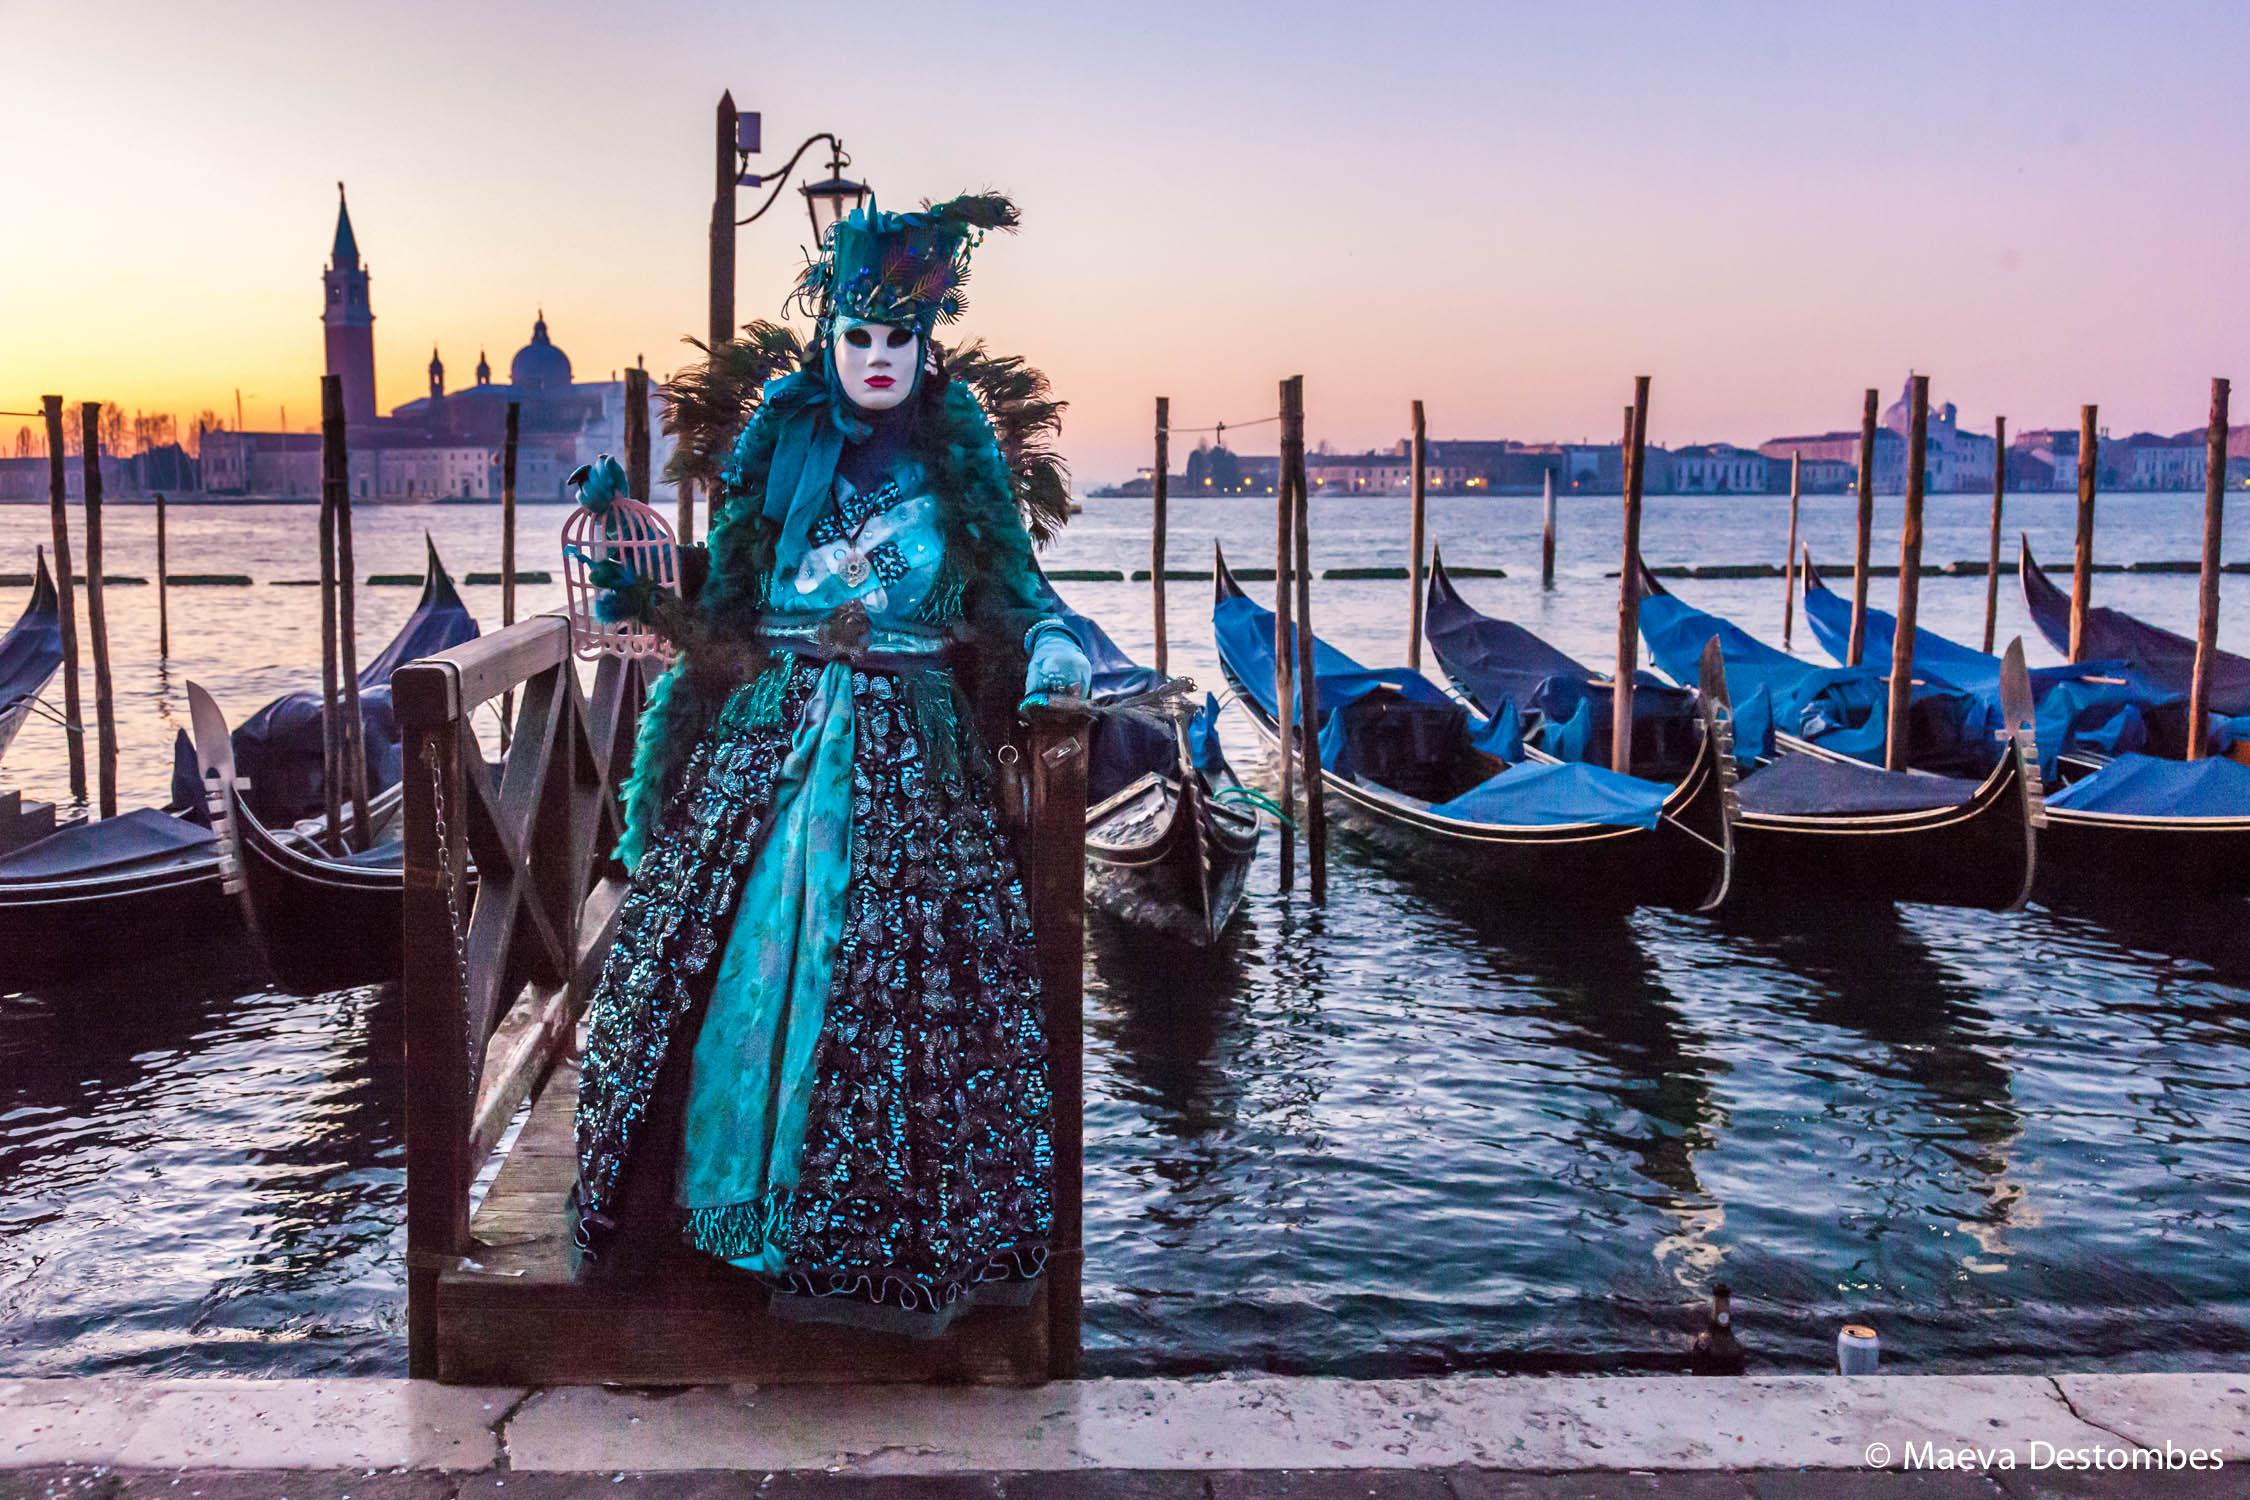 Un carnavalier en costume au bord de la lagune lors du carnaval de Venise